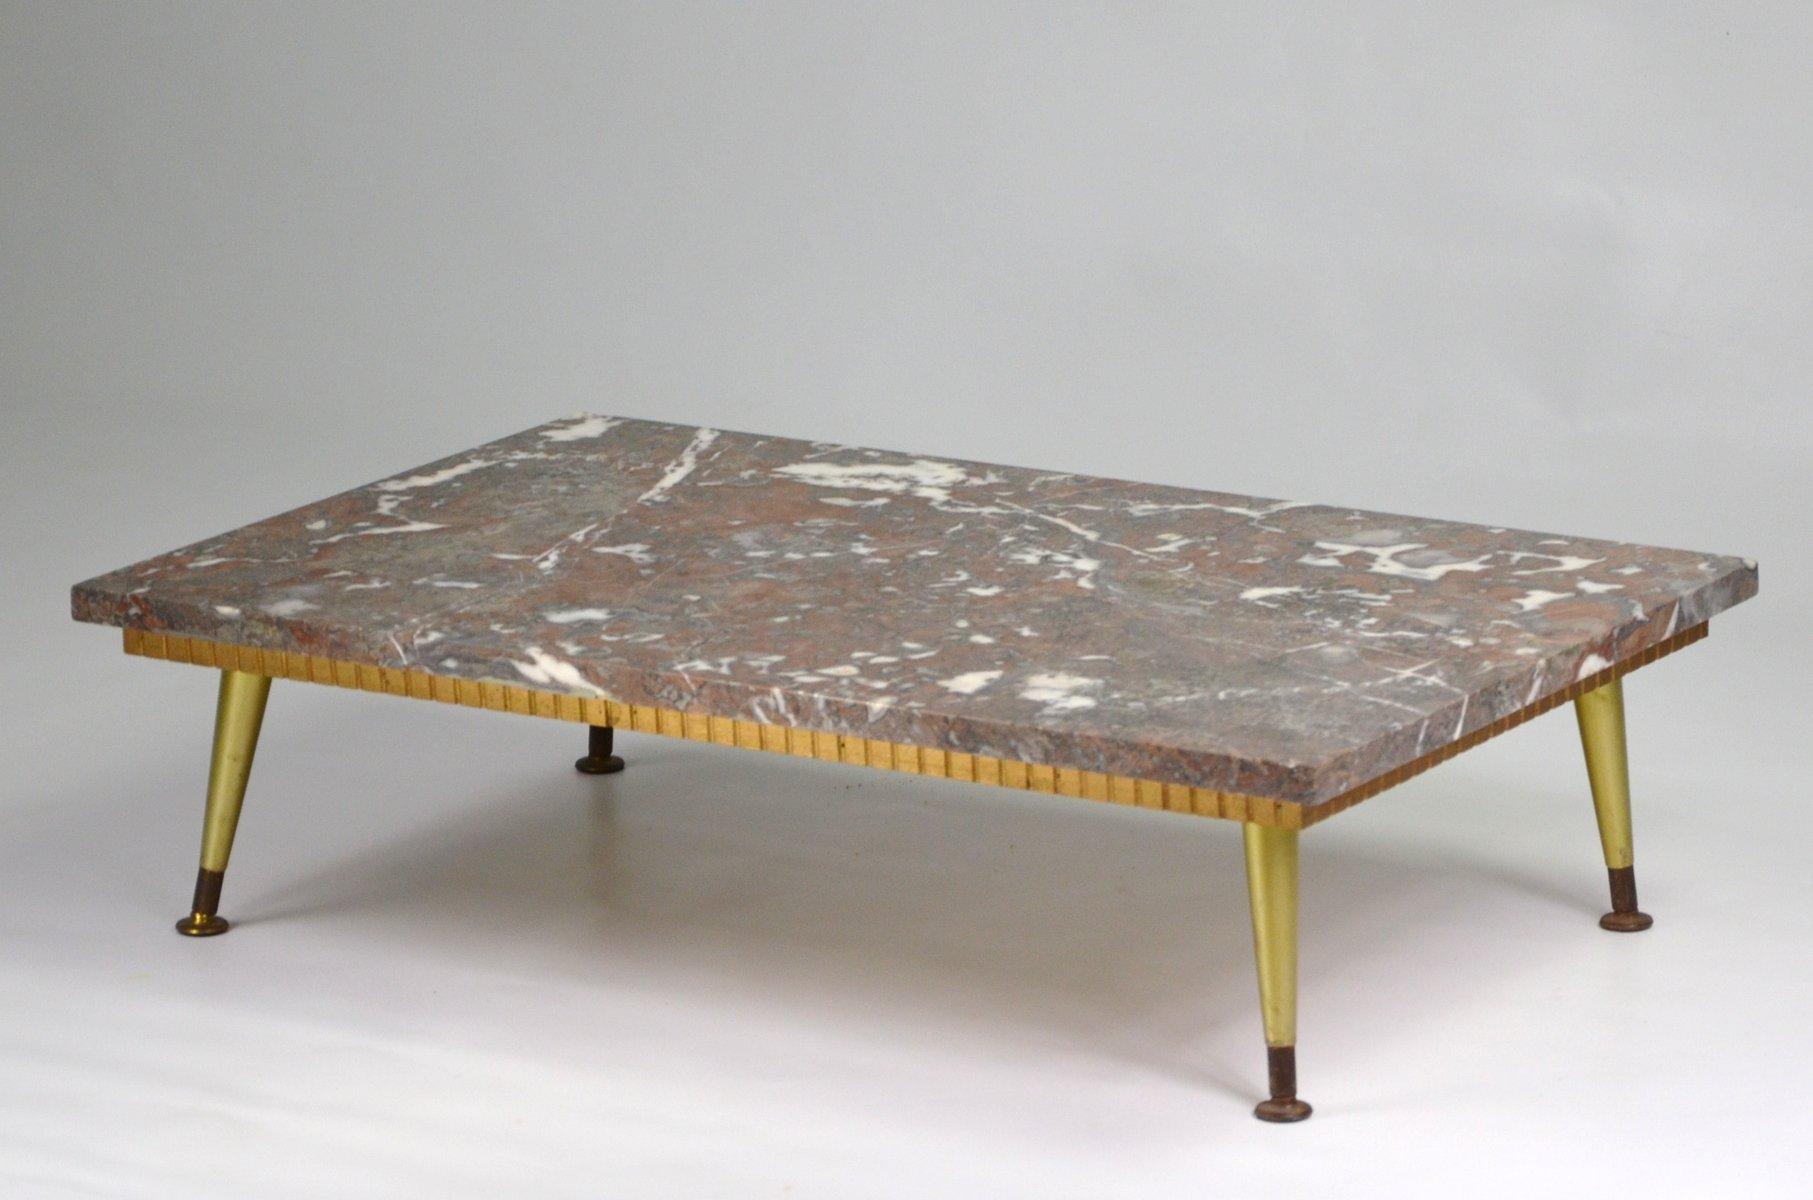 Table Basse Avec Plateau En Marbre 1950s En Vente Sur Pamono